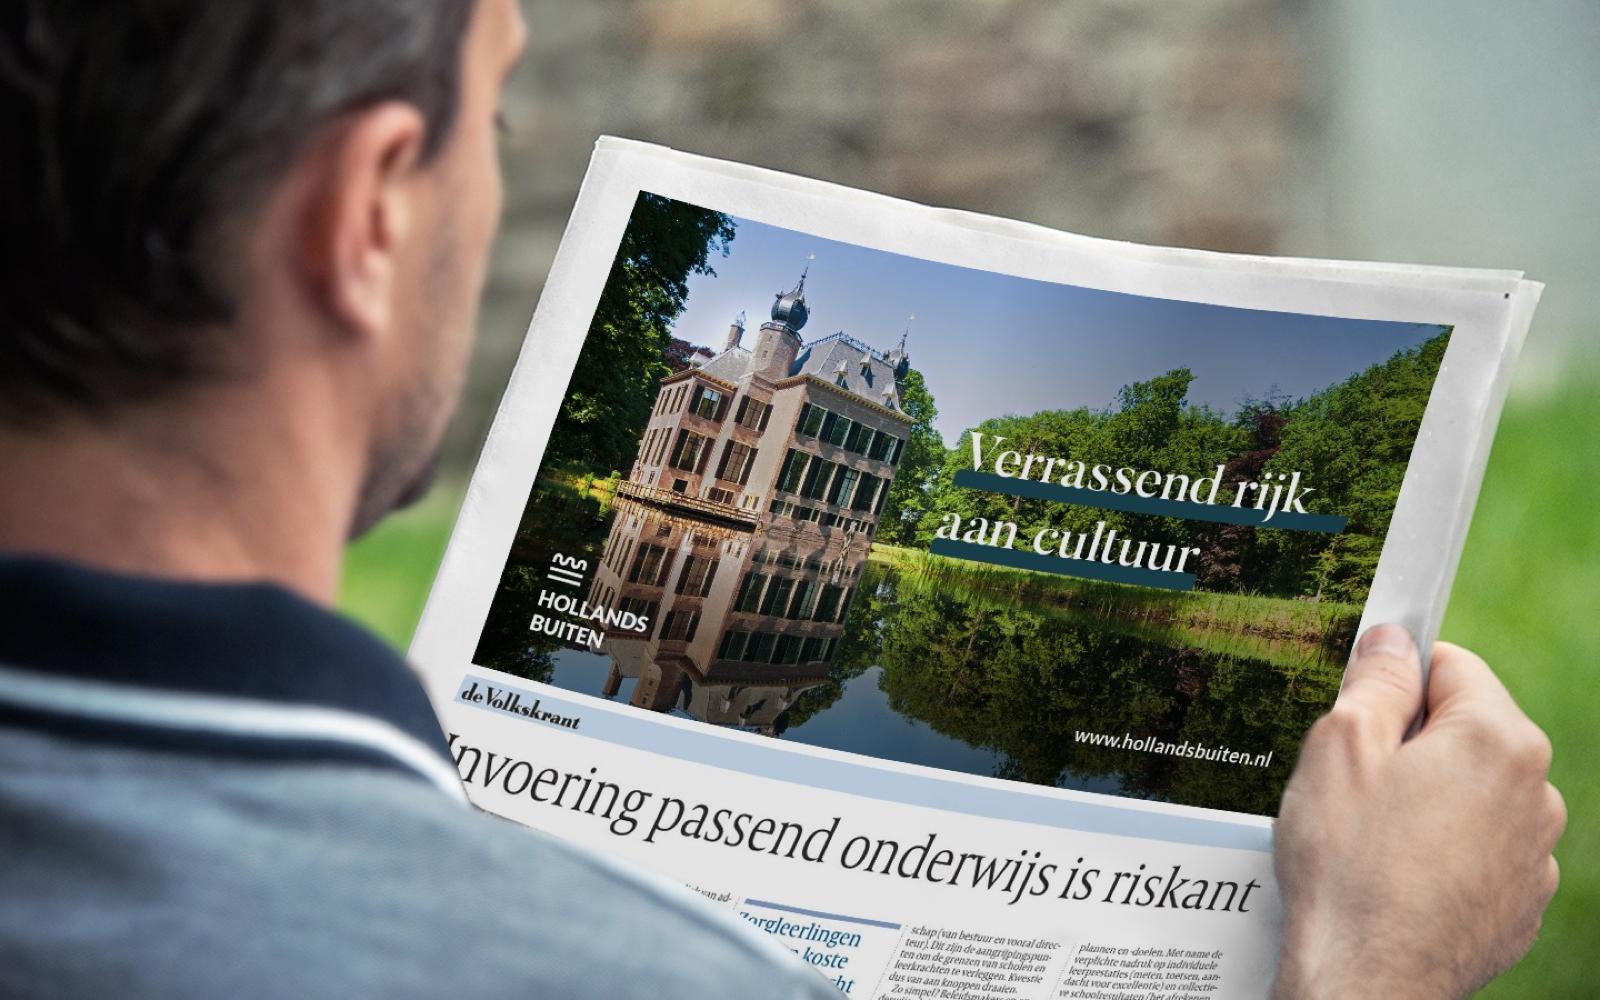 hollands-buiten-print-krant